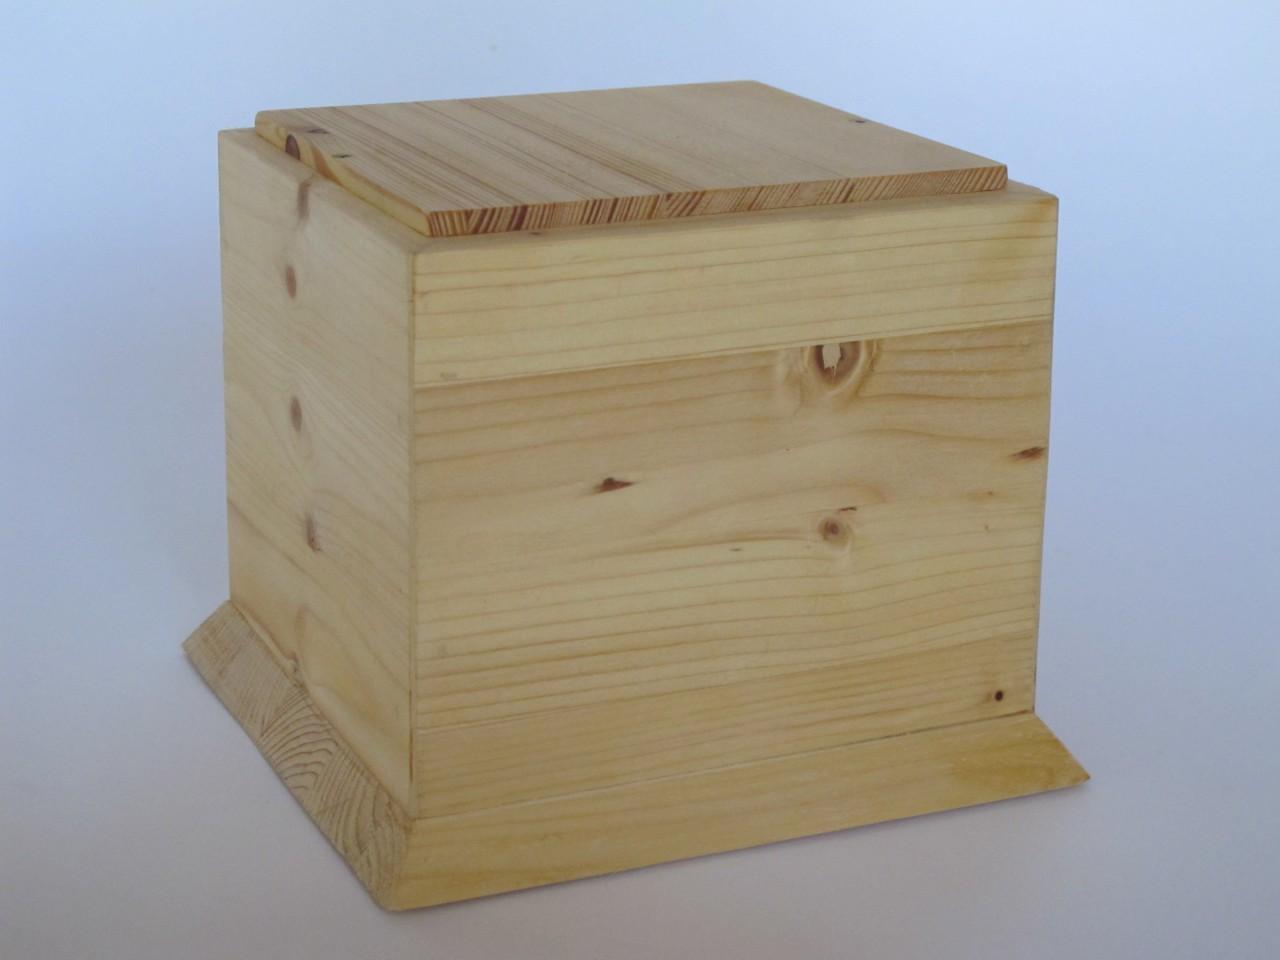 Holzurne Wood